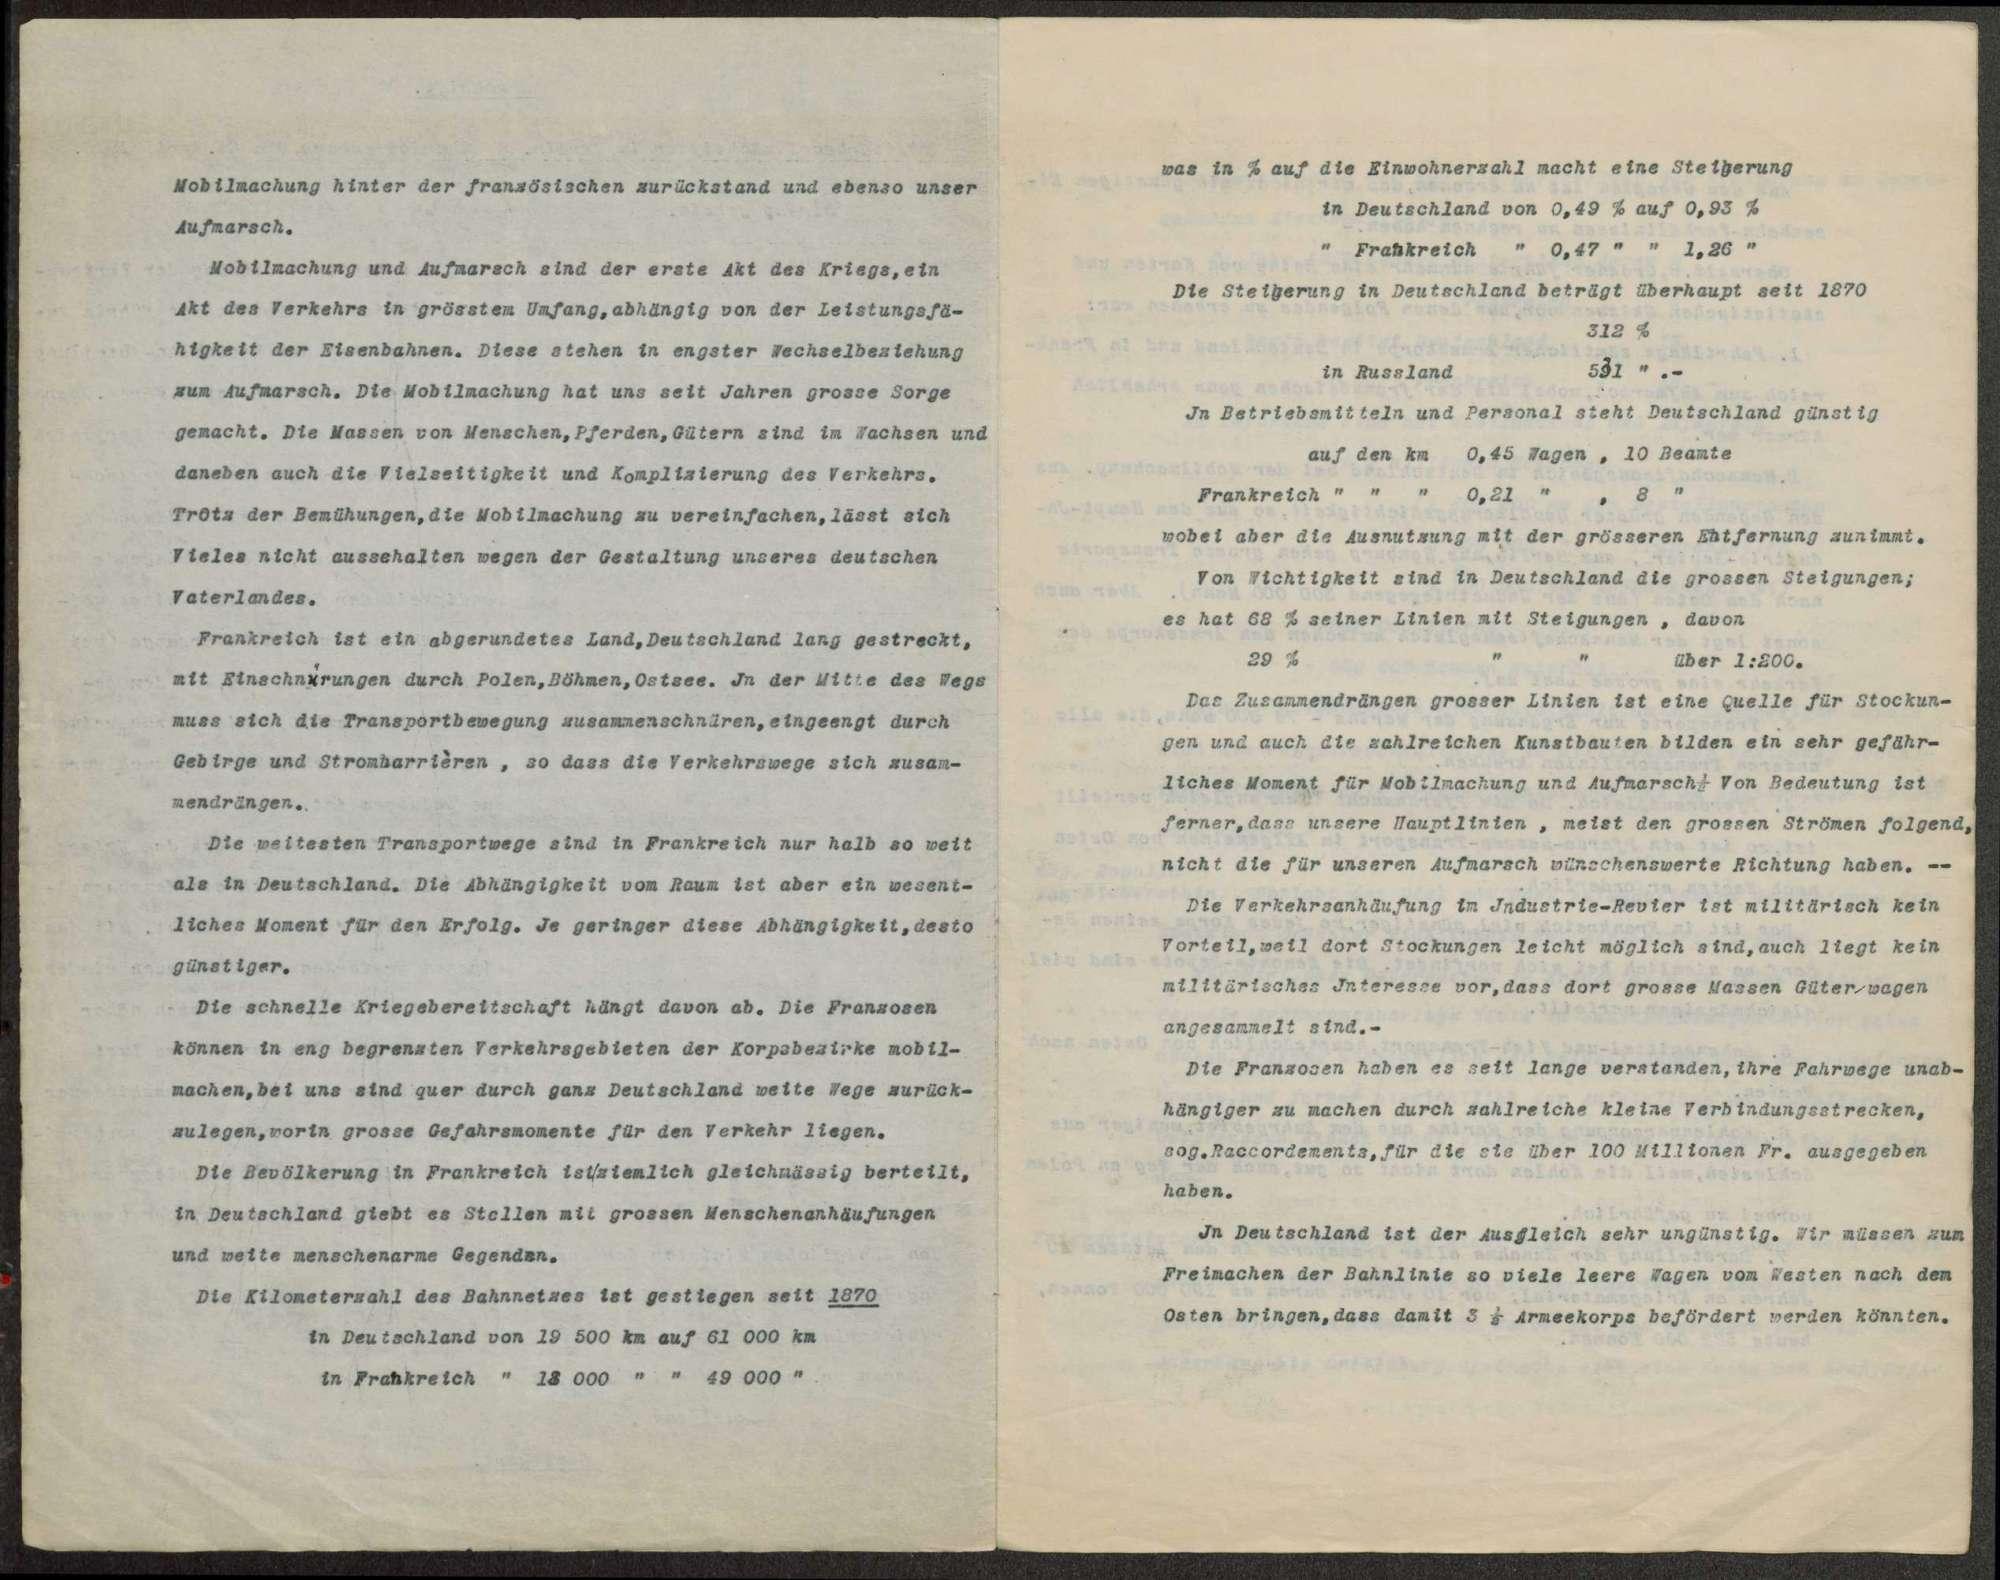 Berichte des württembergischen Militärbevollmächtigten in Berlin (v. Dorrer, v. Graevenitz) an Weizsäcker, Bild 3